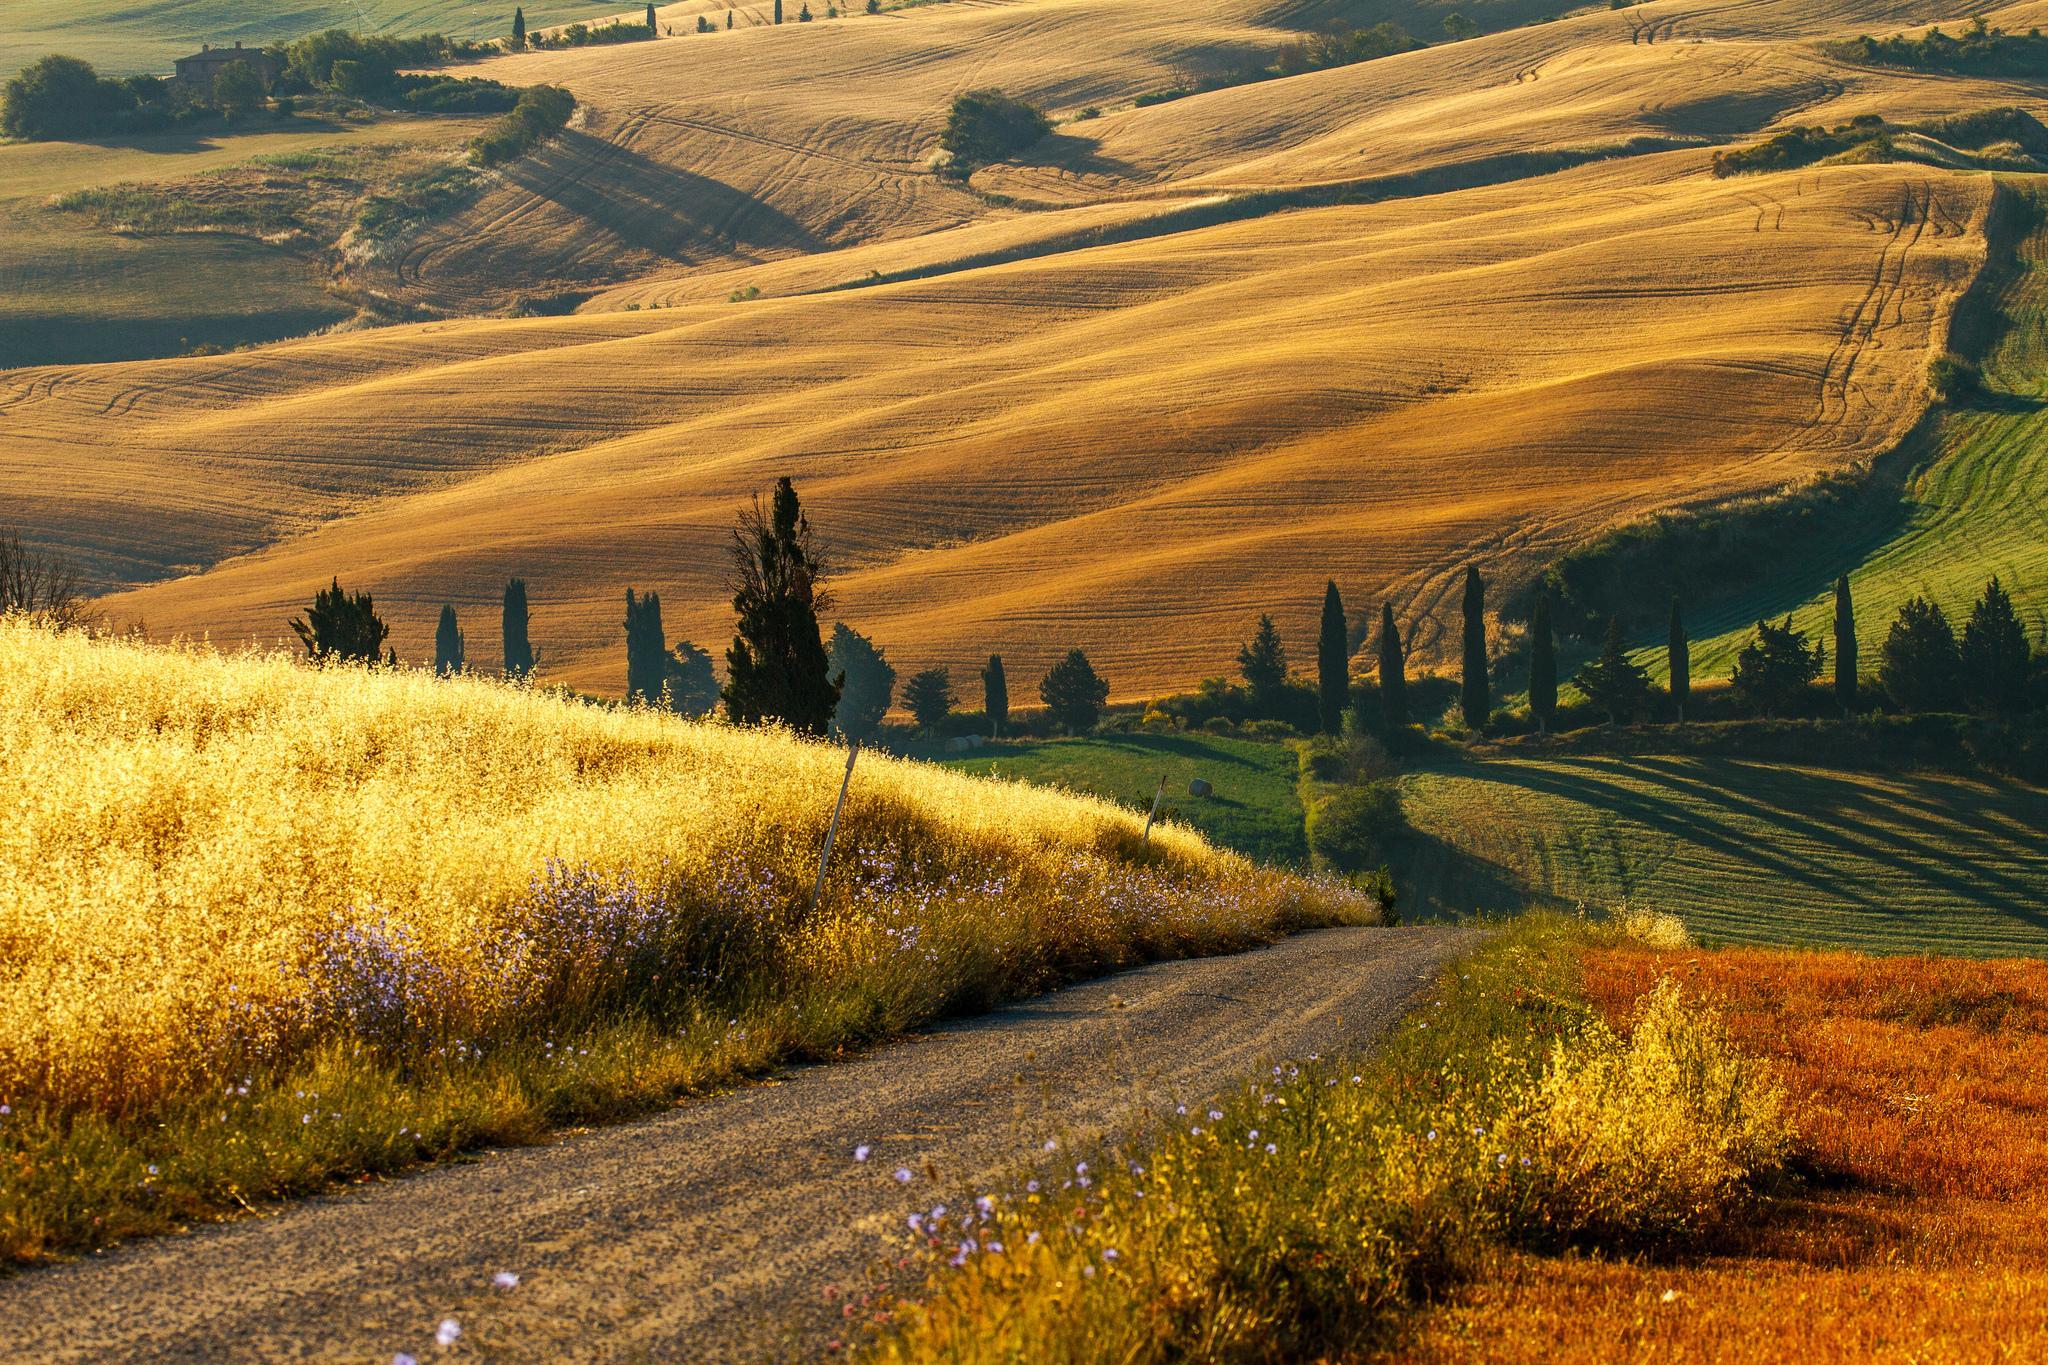 Italy countryside wallpaper wallpapersafari for Countryside wallpaper for walls